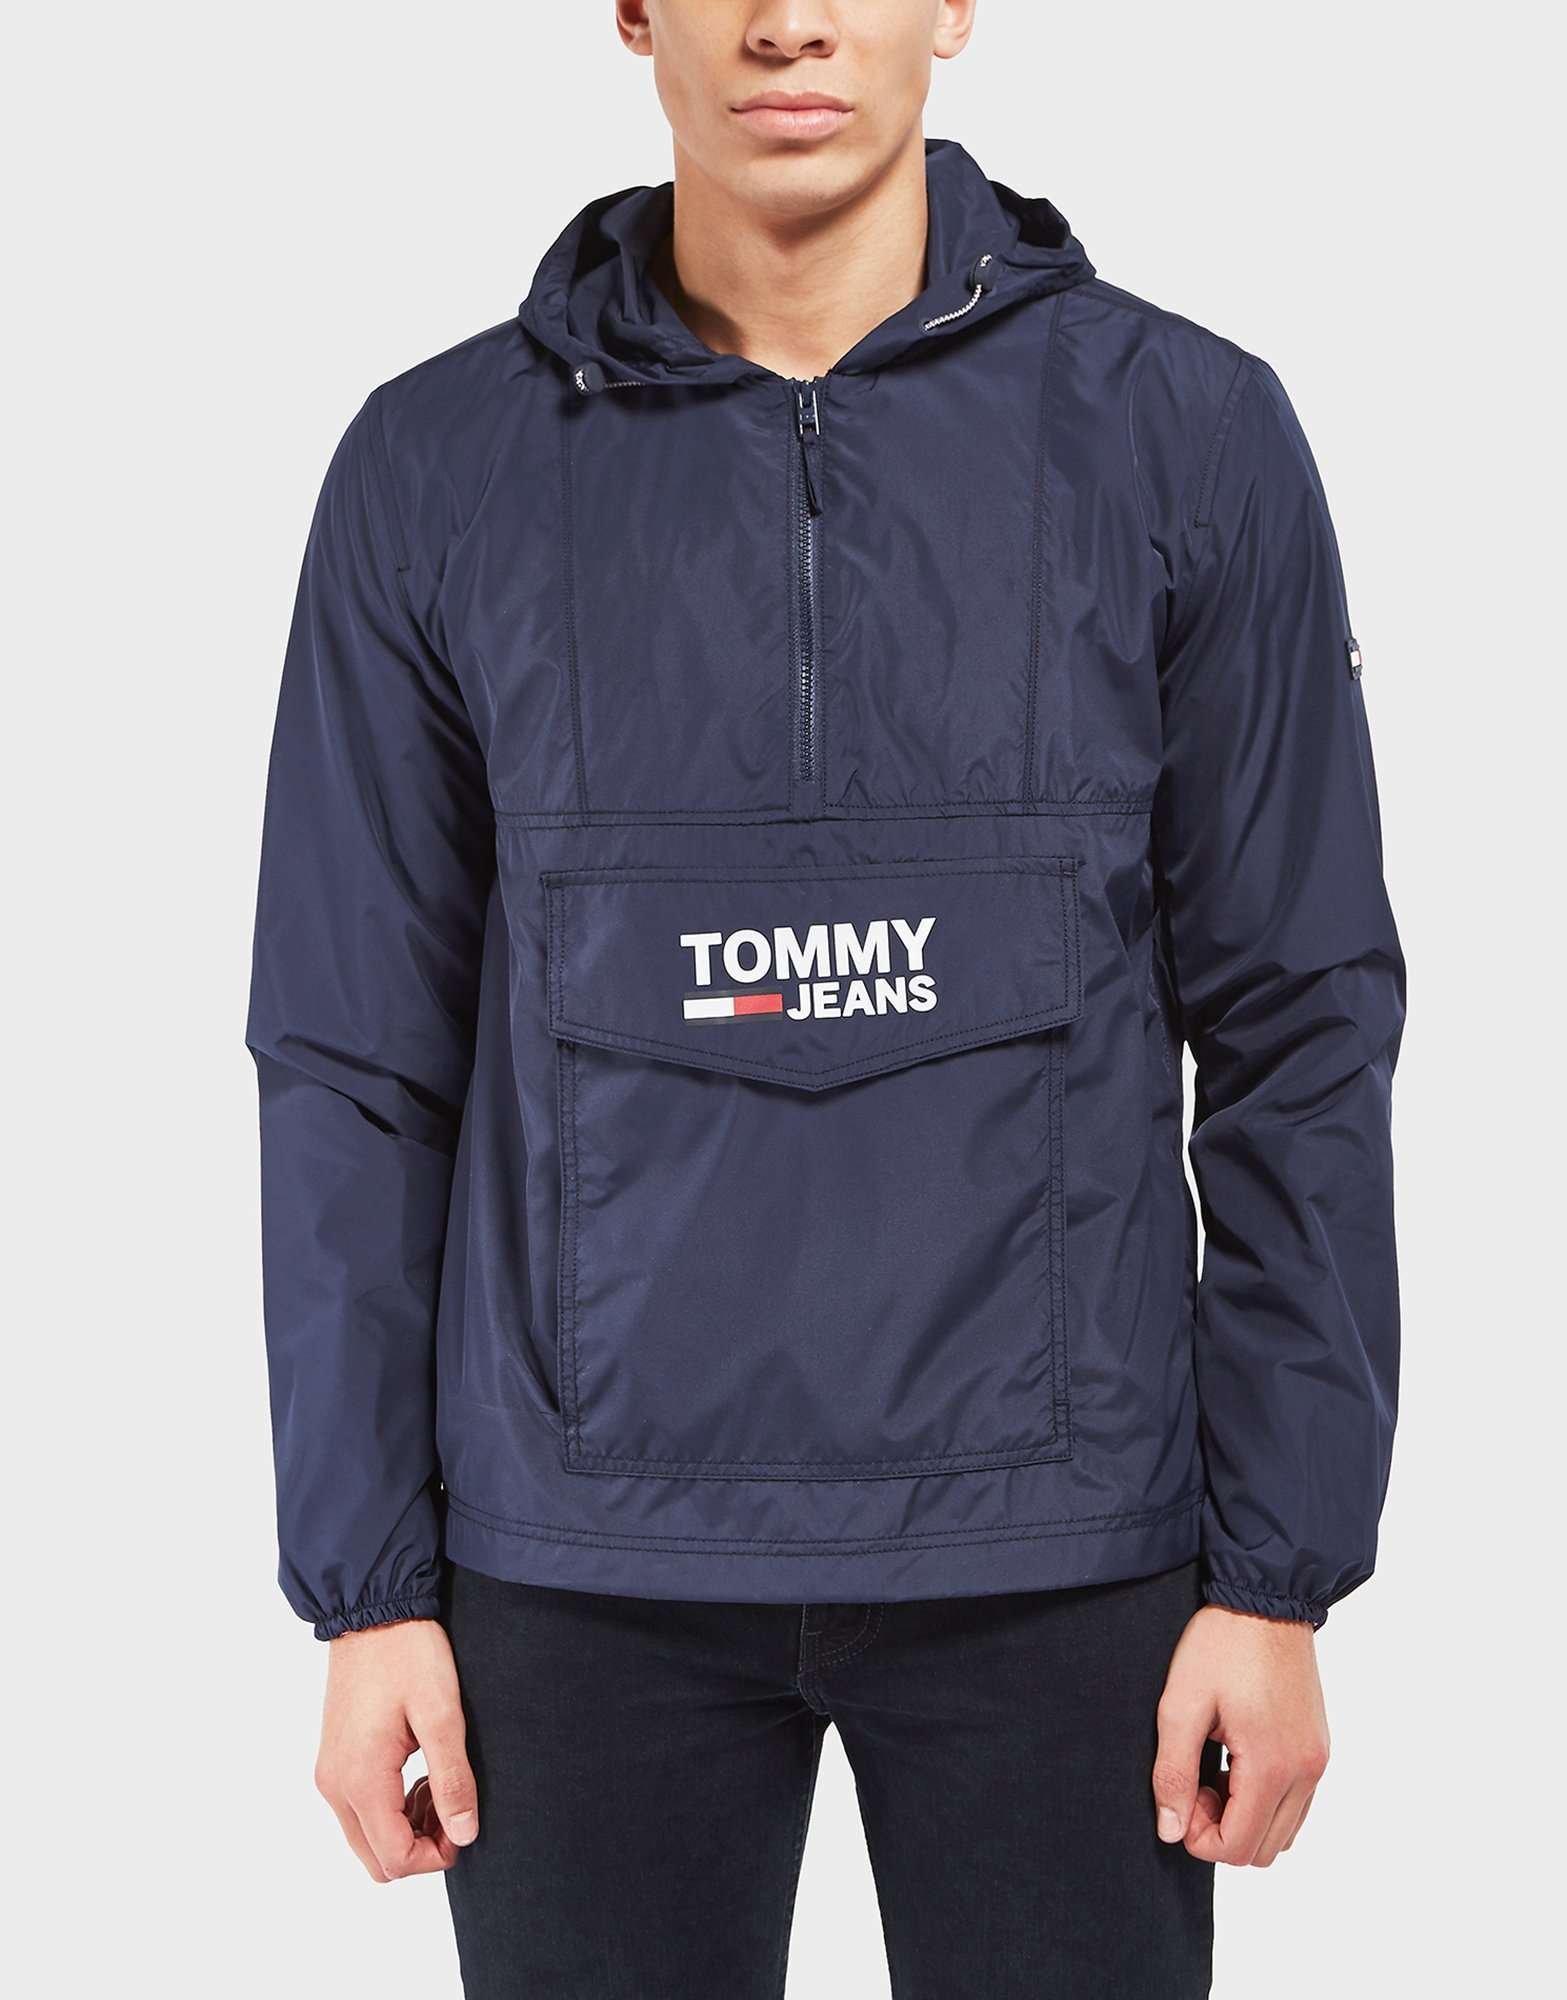 tommy hilfiger anorak jacket tommy hilfiger faux sherpa. Black Bedroom Furniture Sets. Home Design Ideas